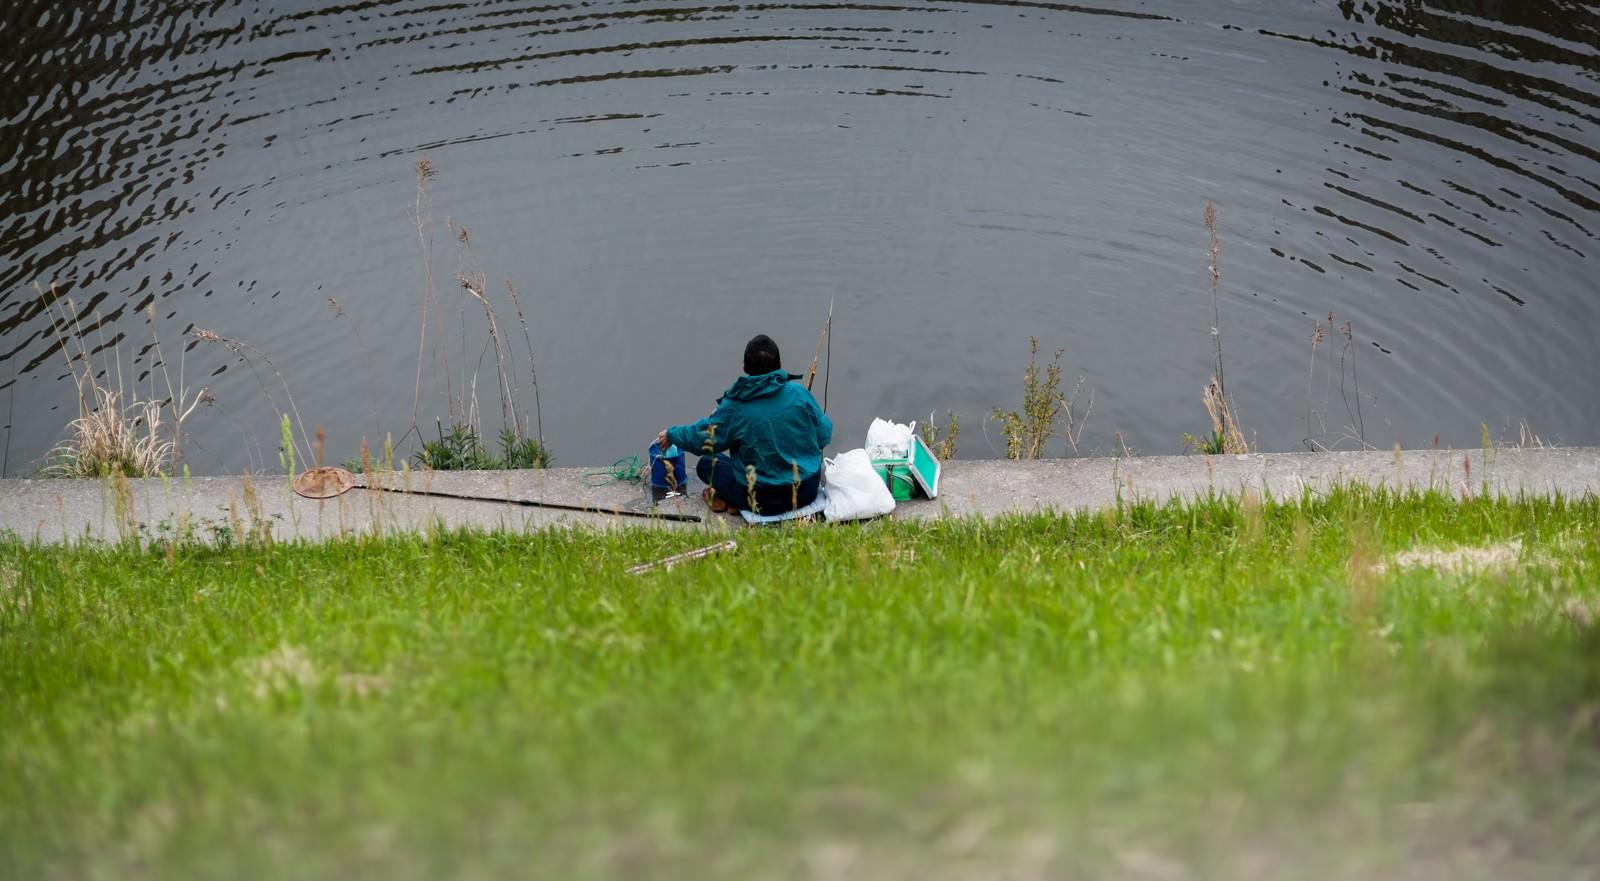 「釣りする人」の写真